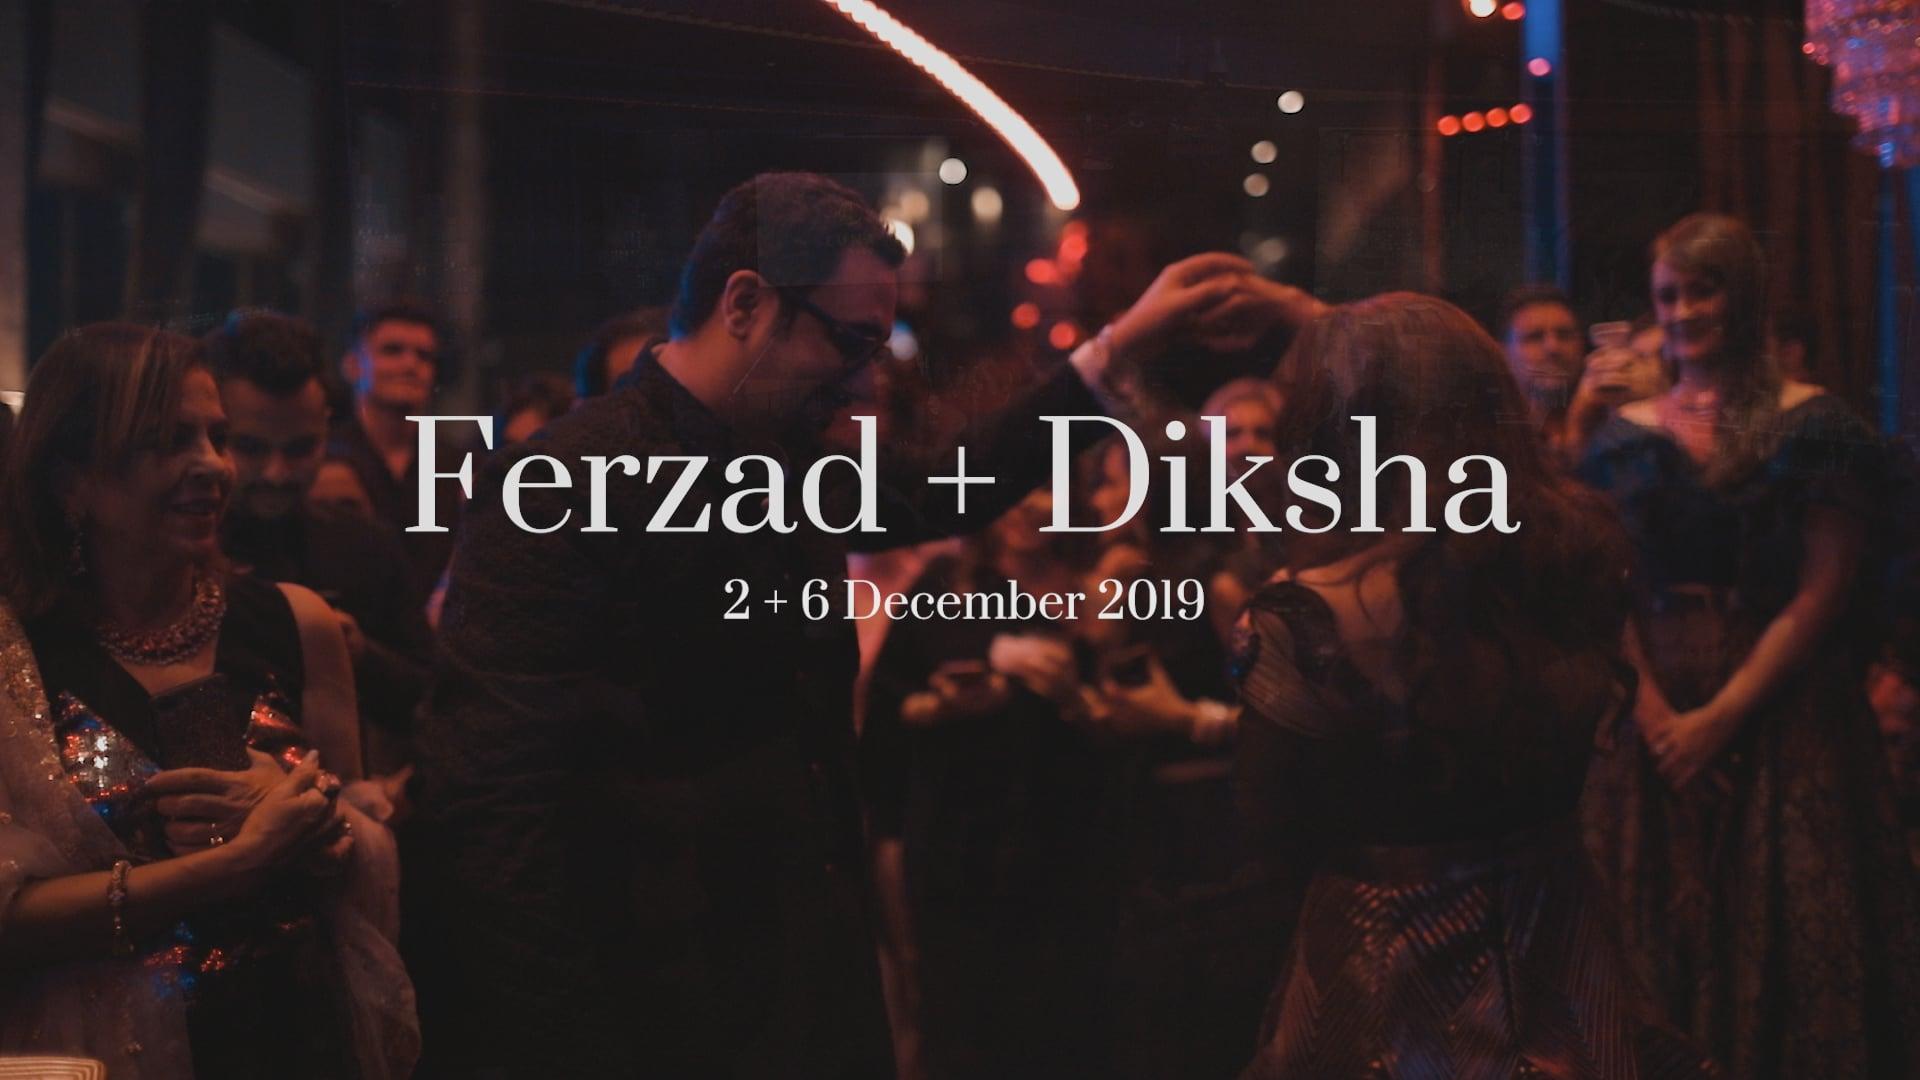 Ferzad + Diksha